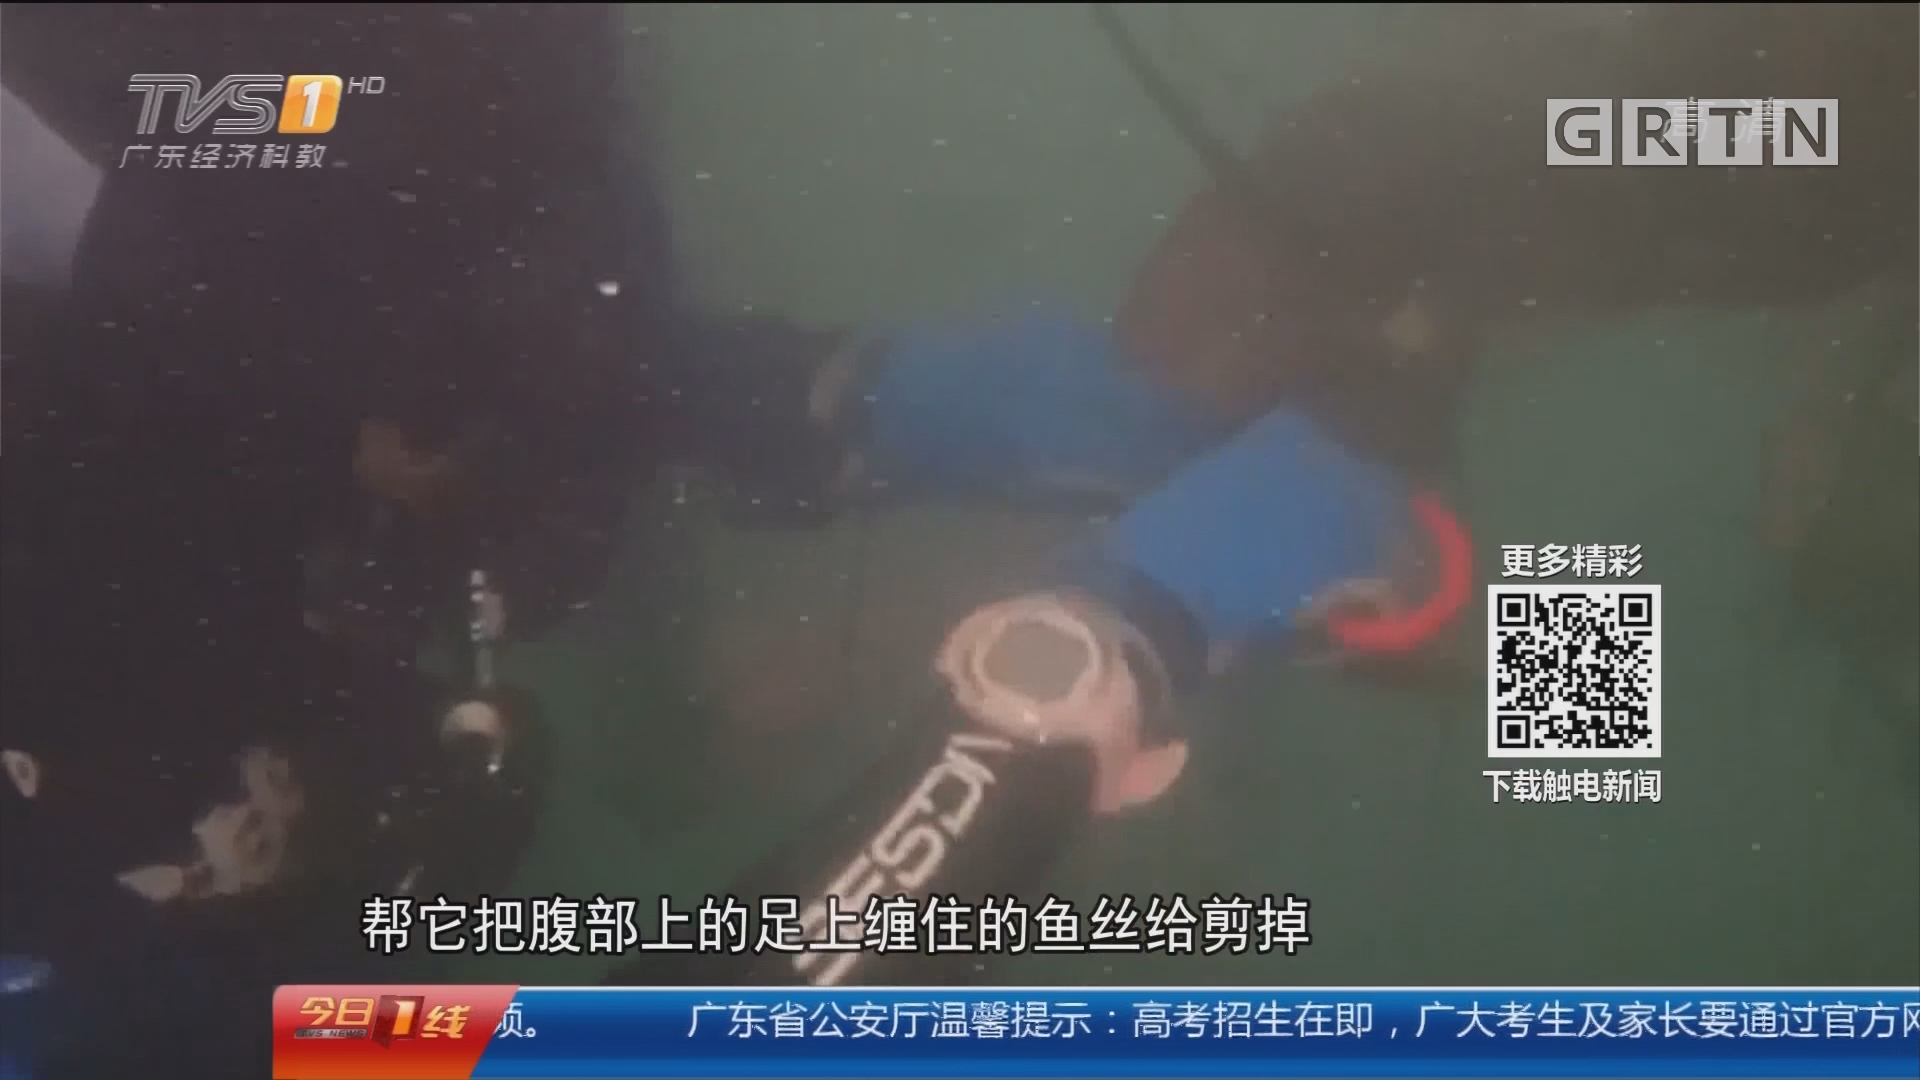 深圳:海鲎被困废弃渔网 志愿者下海解救